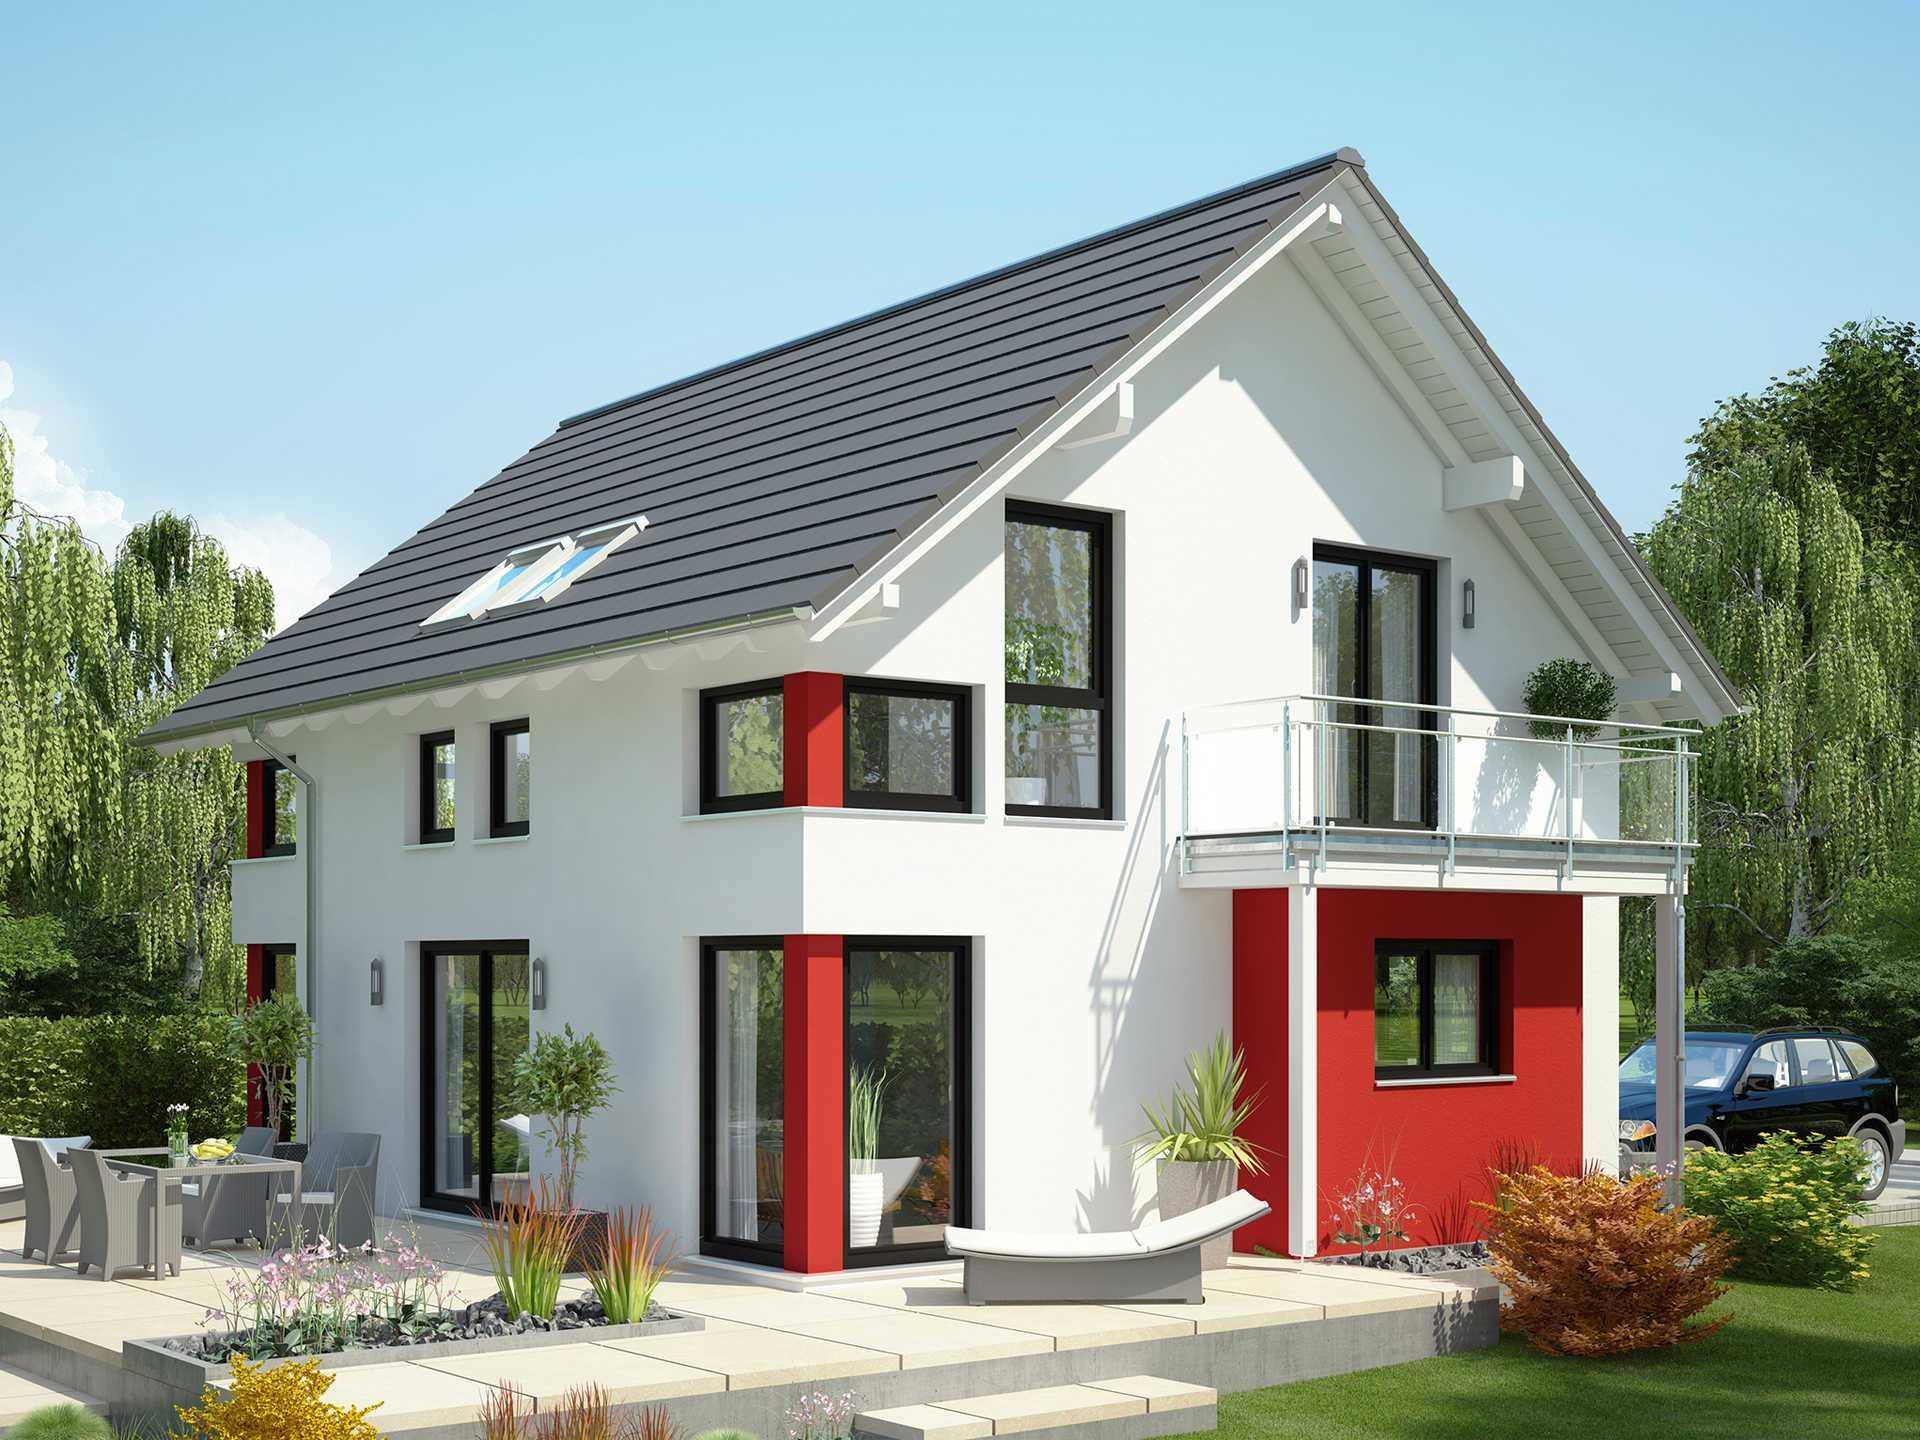 einfamilienhaus evolution 125 v2 bien zenker. Black Bedroom Furniture Sets. Home Design Ideas